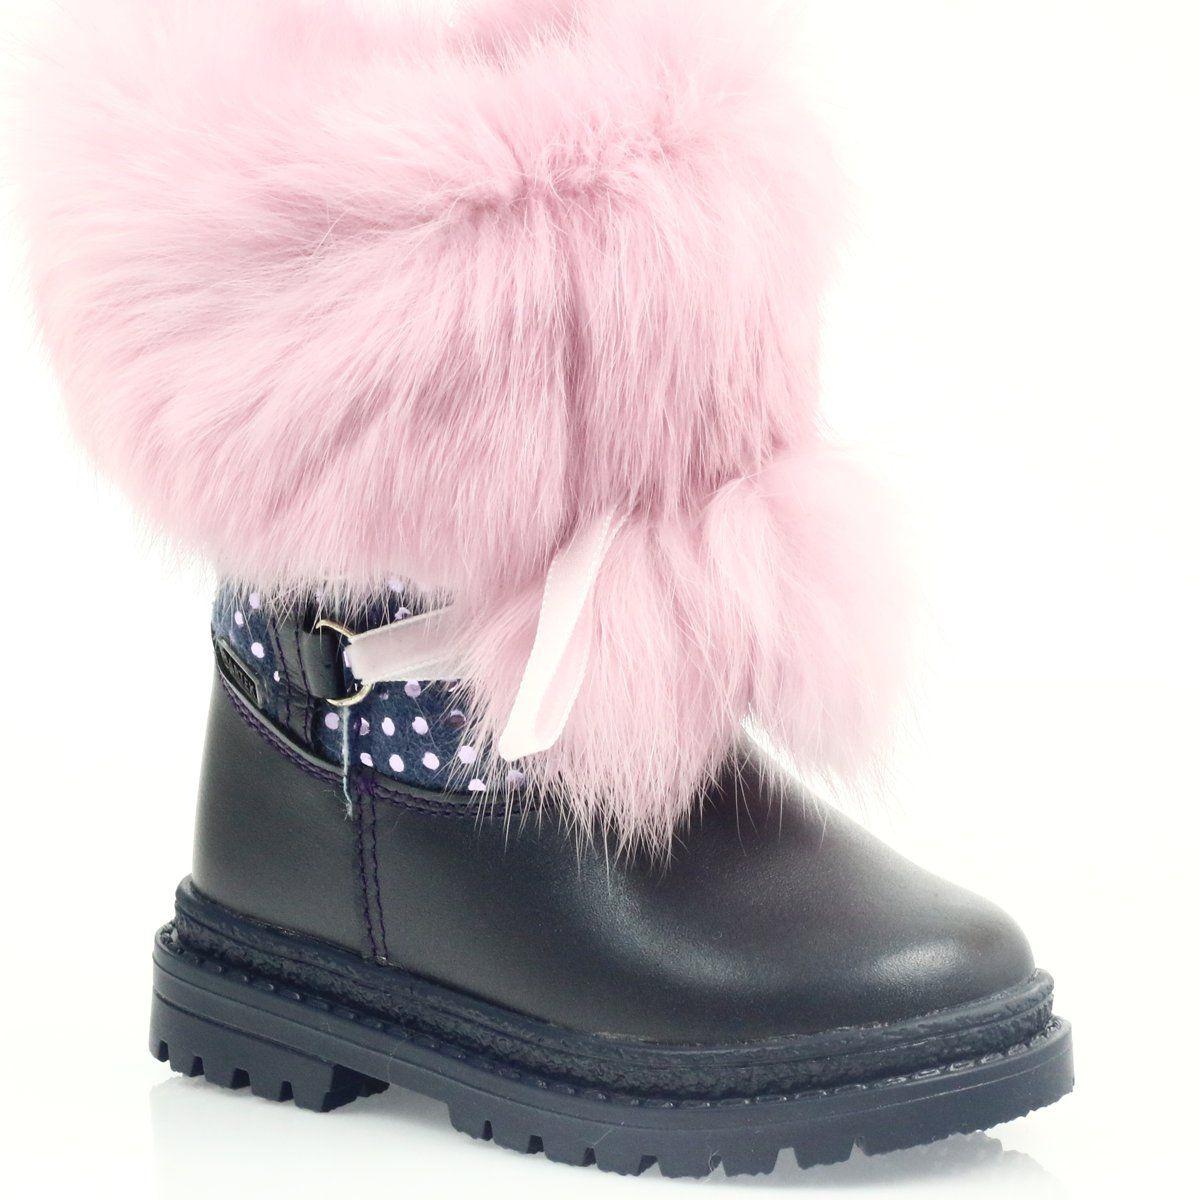 Kozaczki Z Futerkiem Bartek 216390 Rozowe Granatowe Boots Childrens Boots Fur Boots